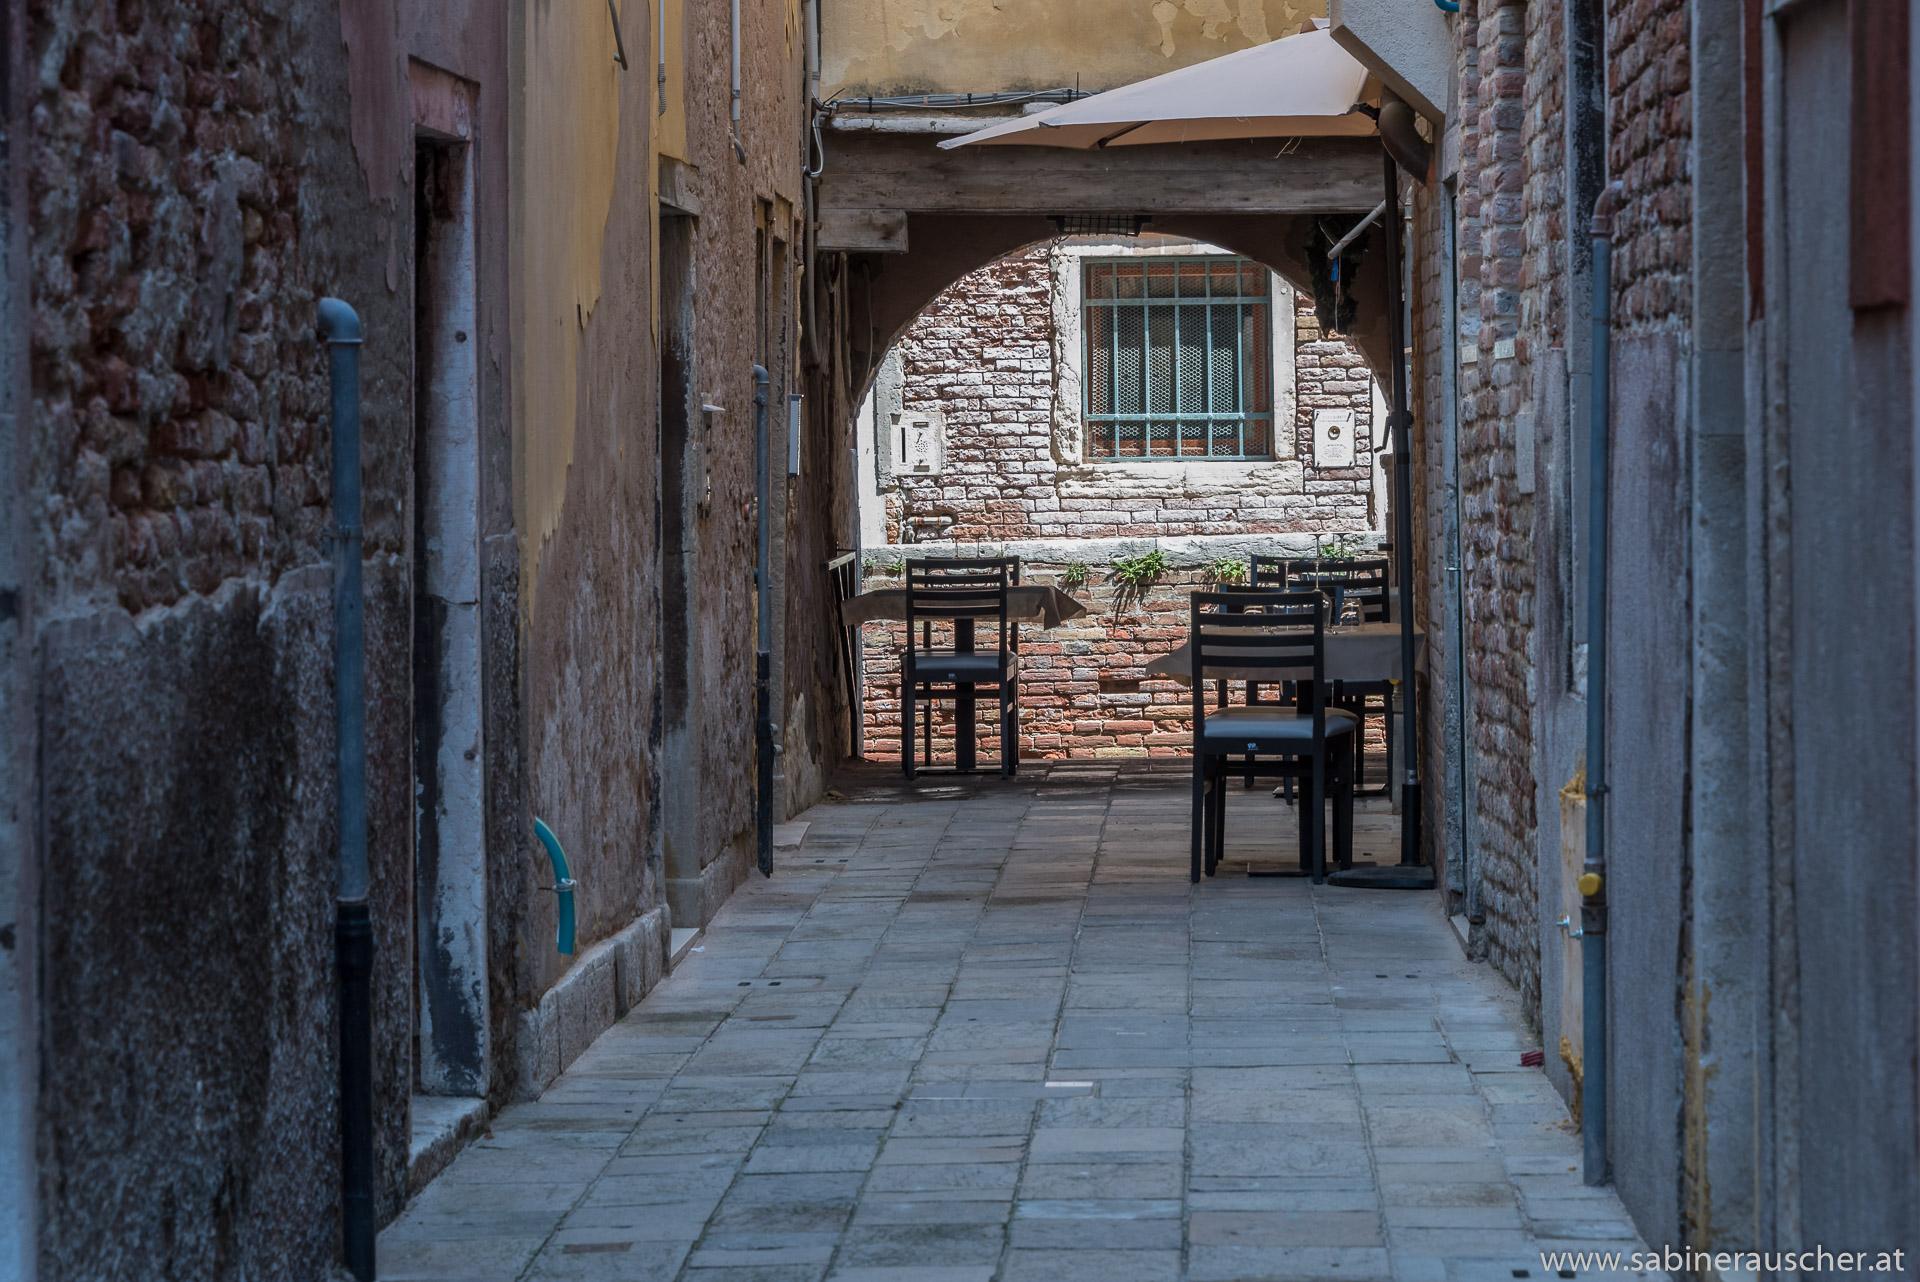 Venice - a quiet place | Venedig - auch stille Ecken lassen sich finden